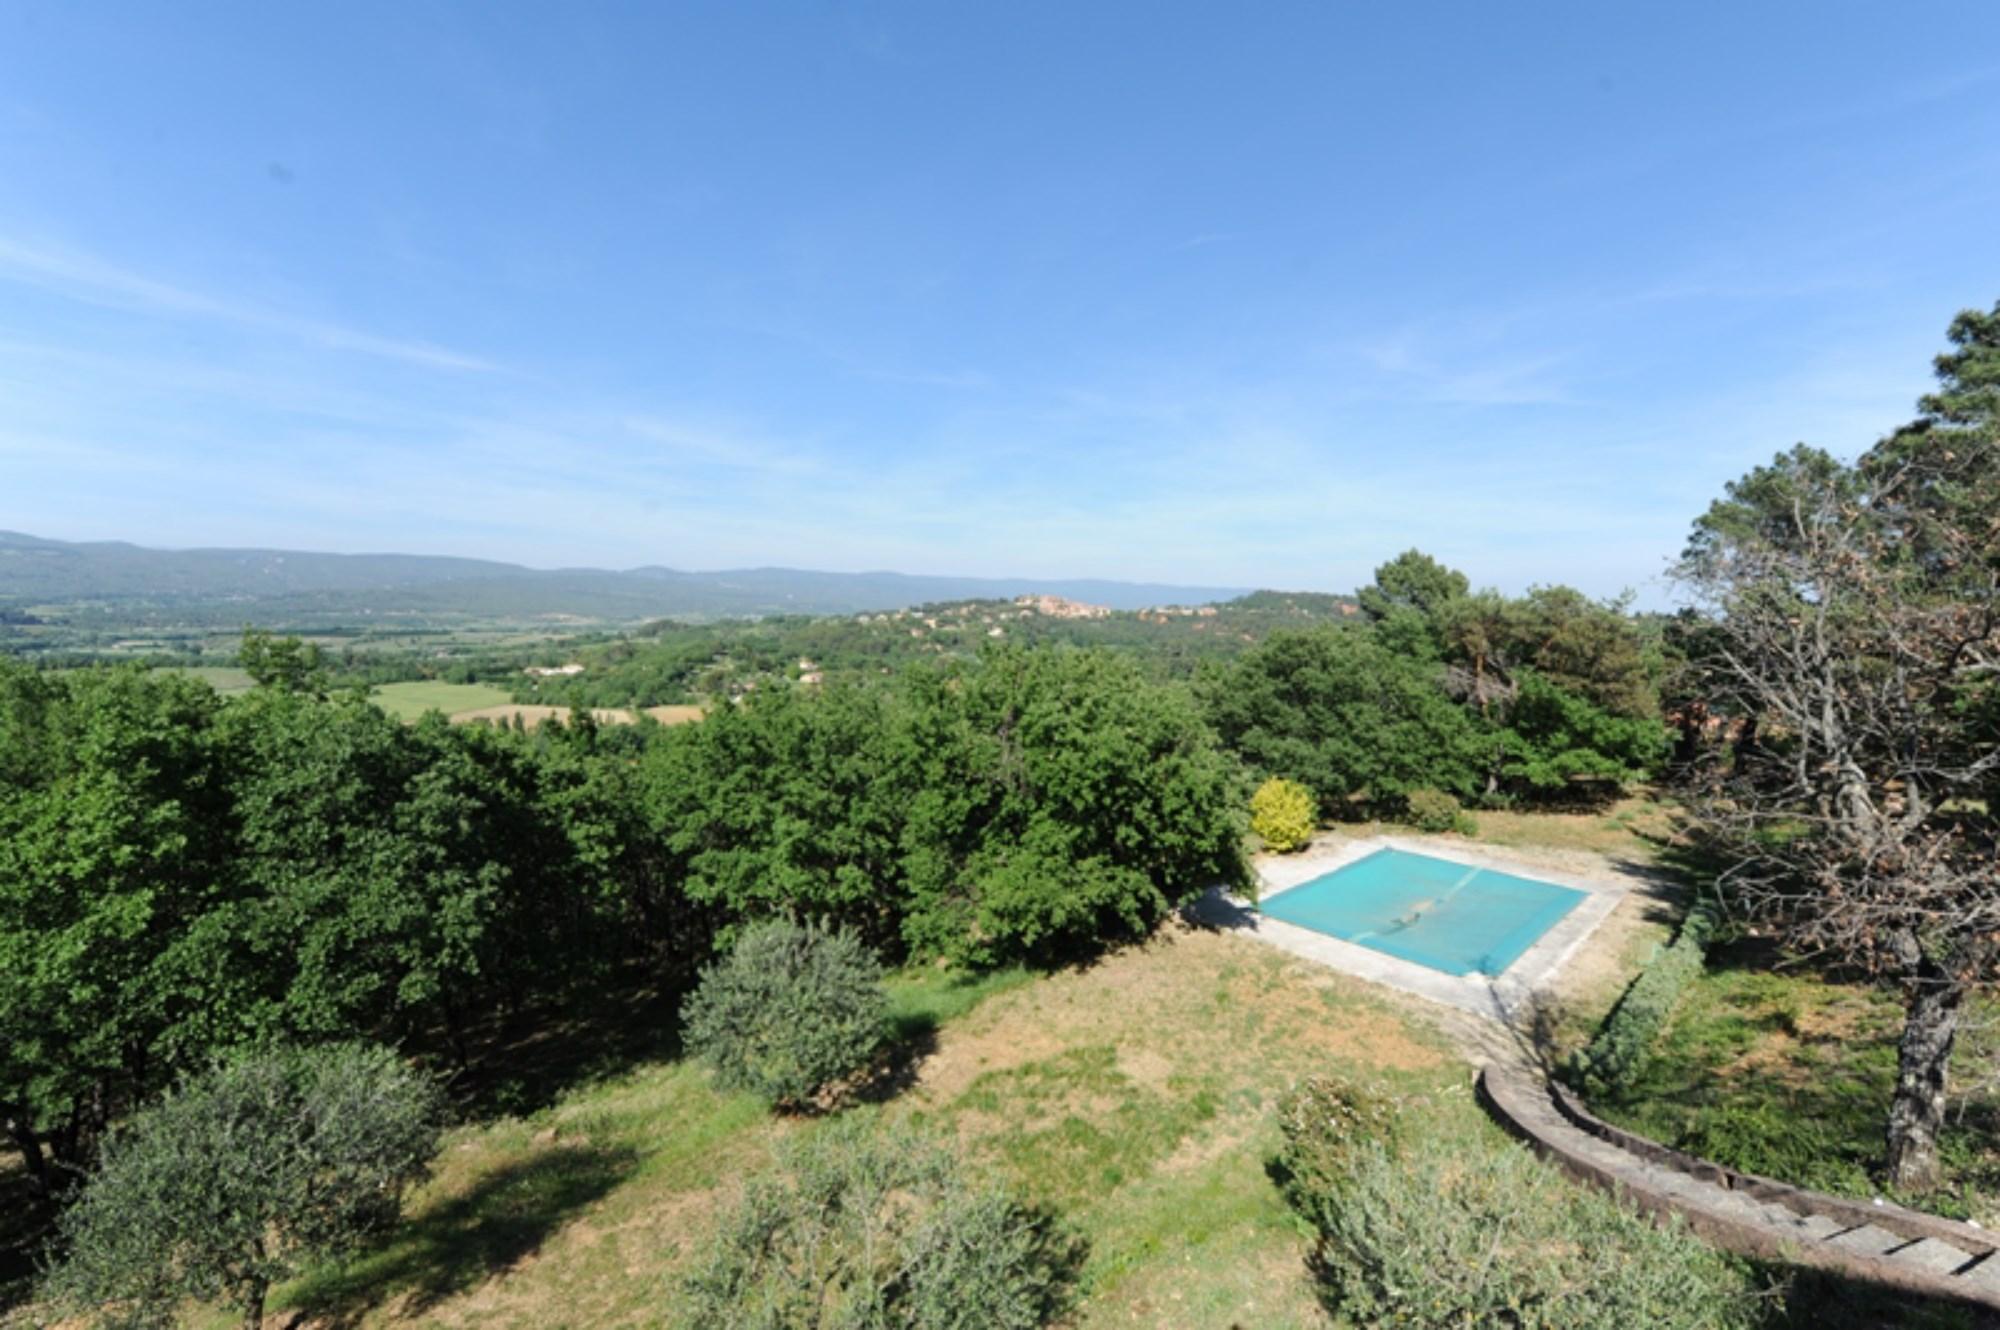 Propriété avec appartement indépendant, maison d'amis, piscine et vue à vendre